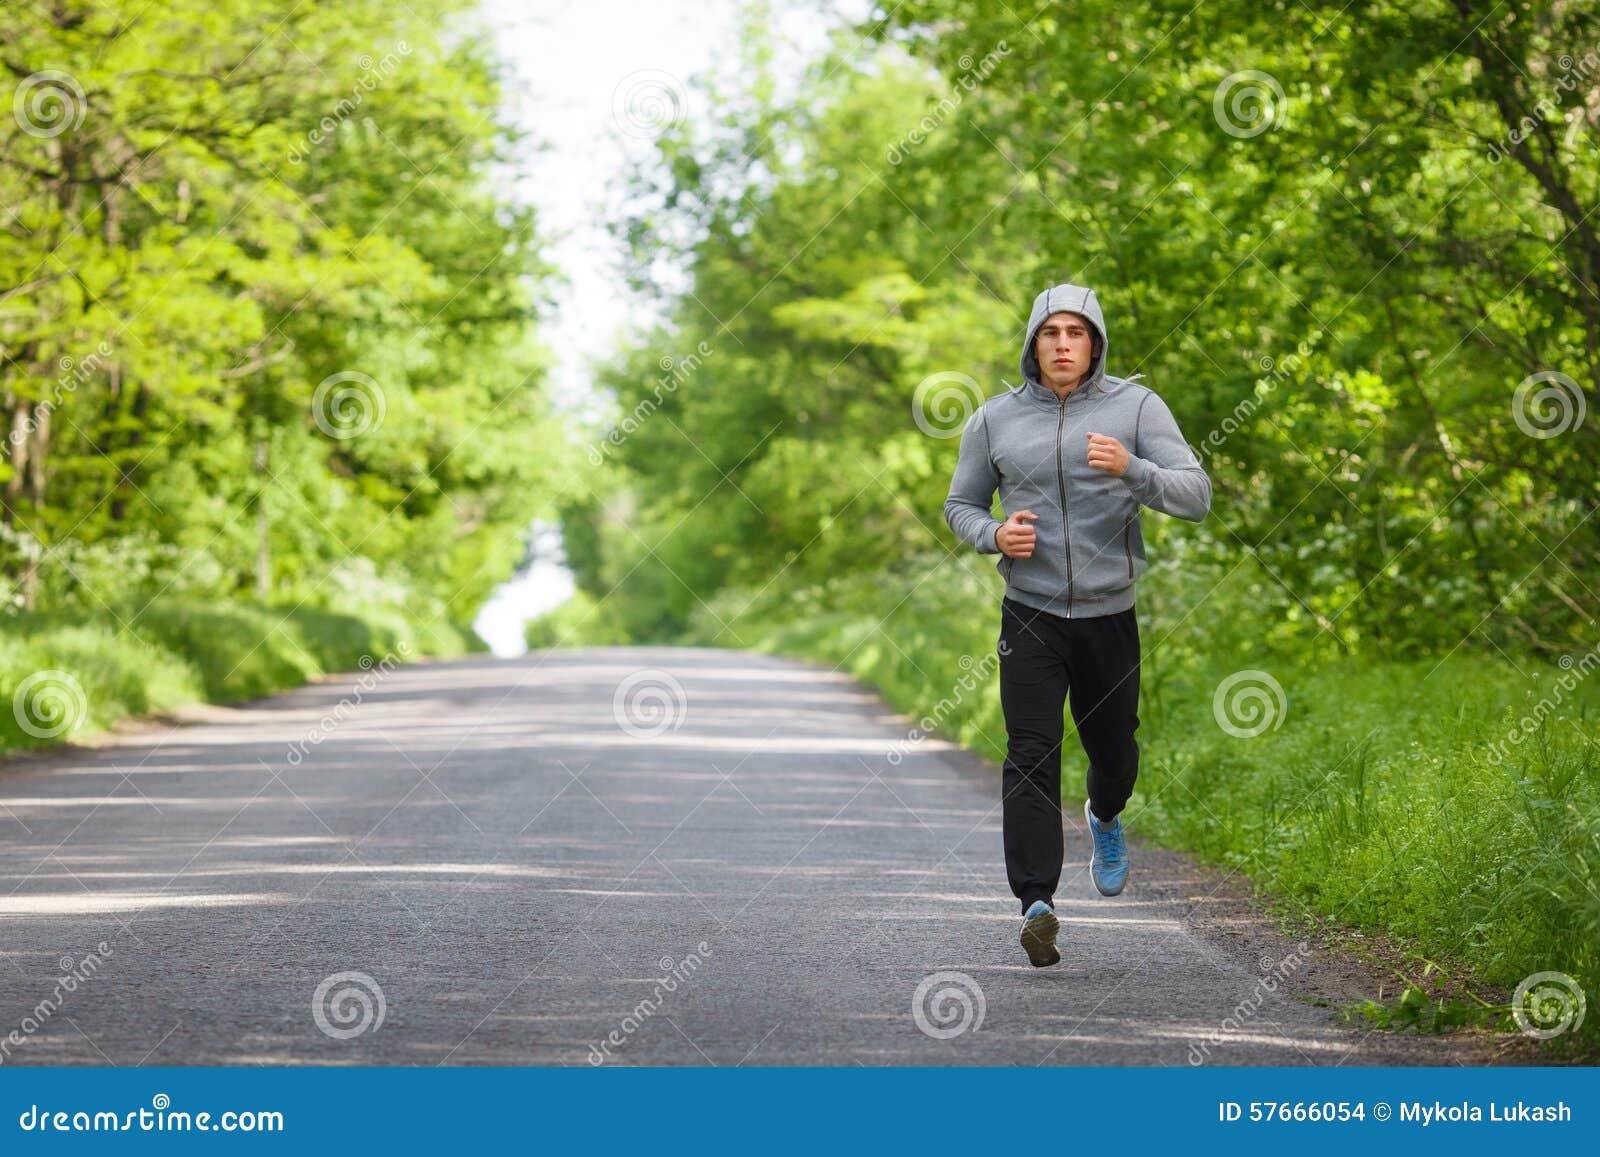 Agentmens die op weg opleidingssprint lopen Het sportieve mannetje stelt buiten het uitwerken in werking